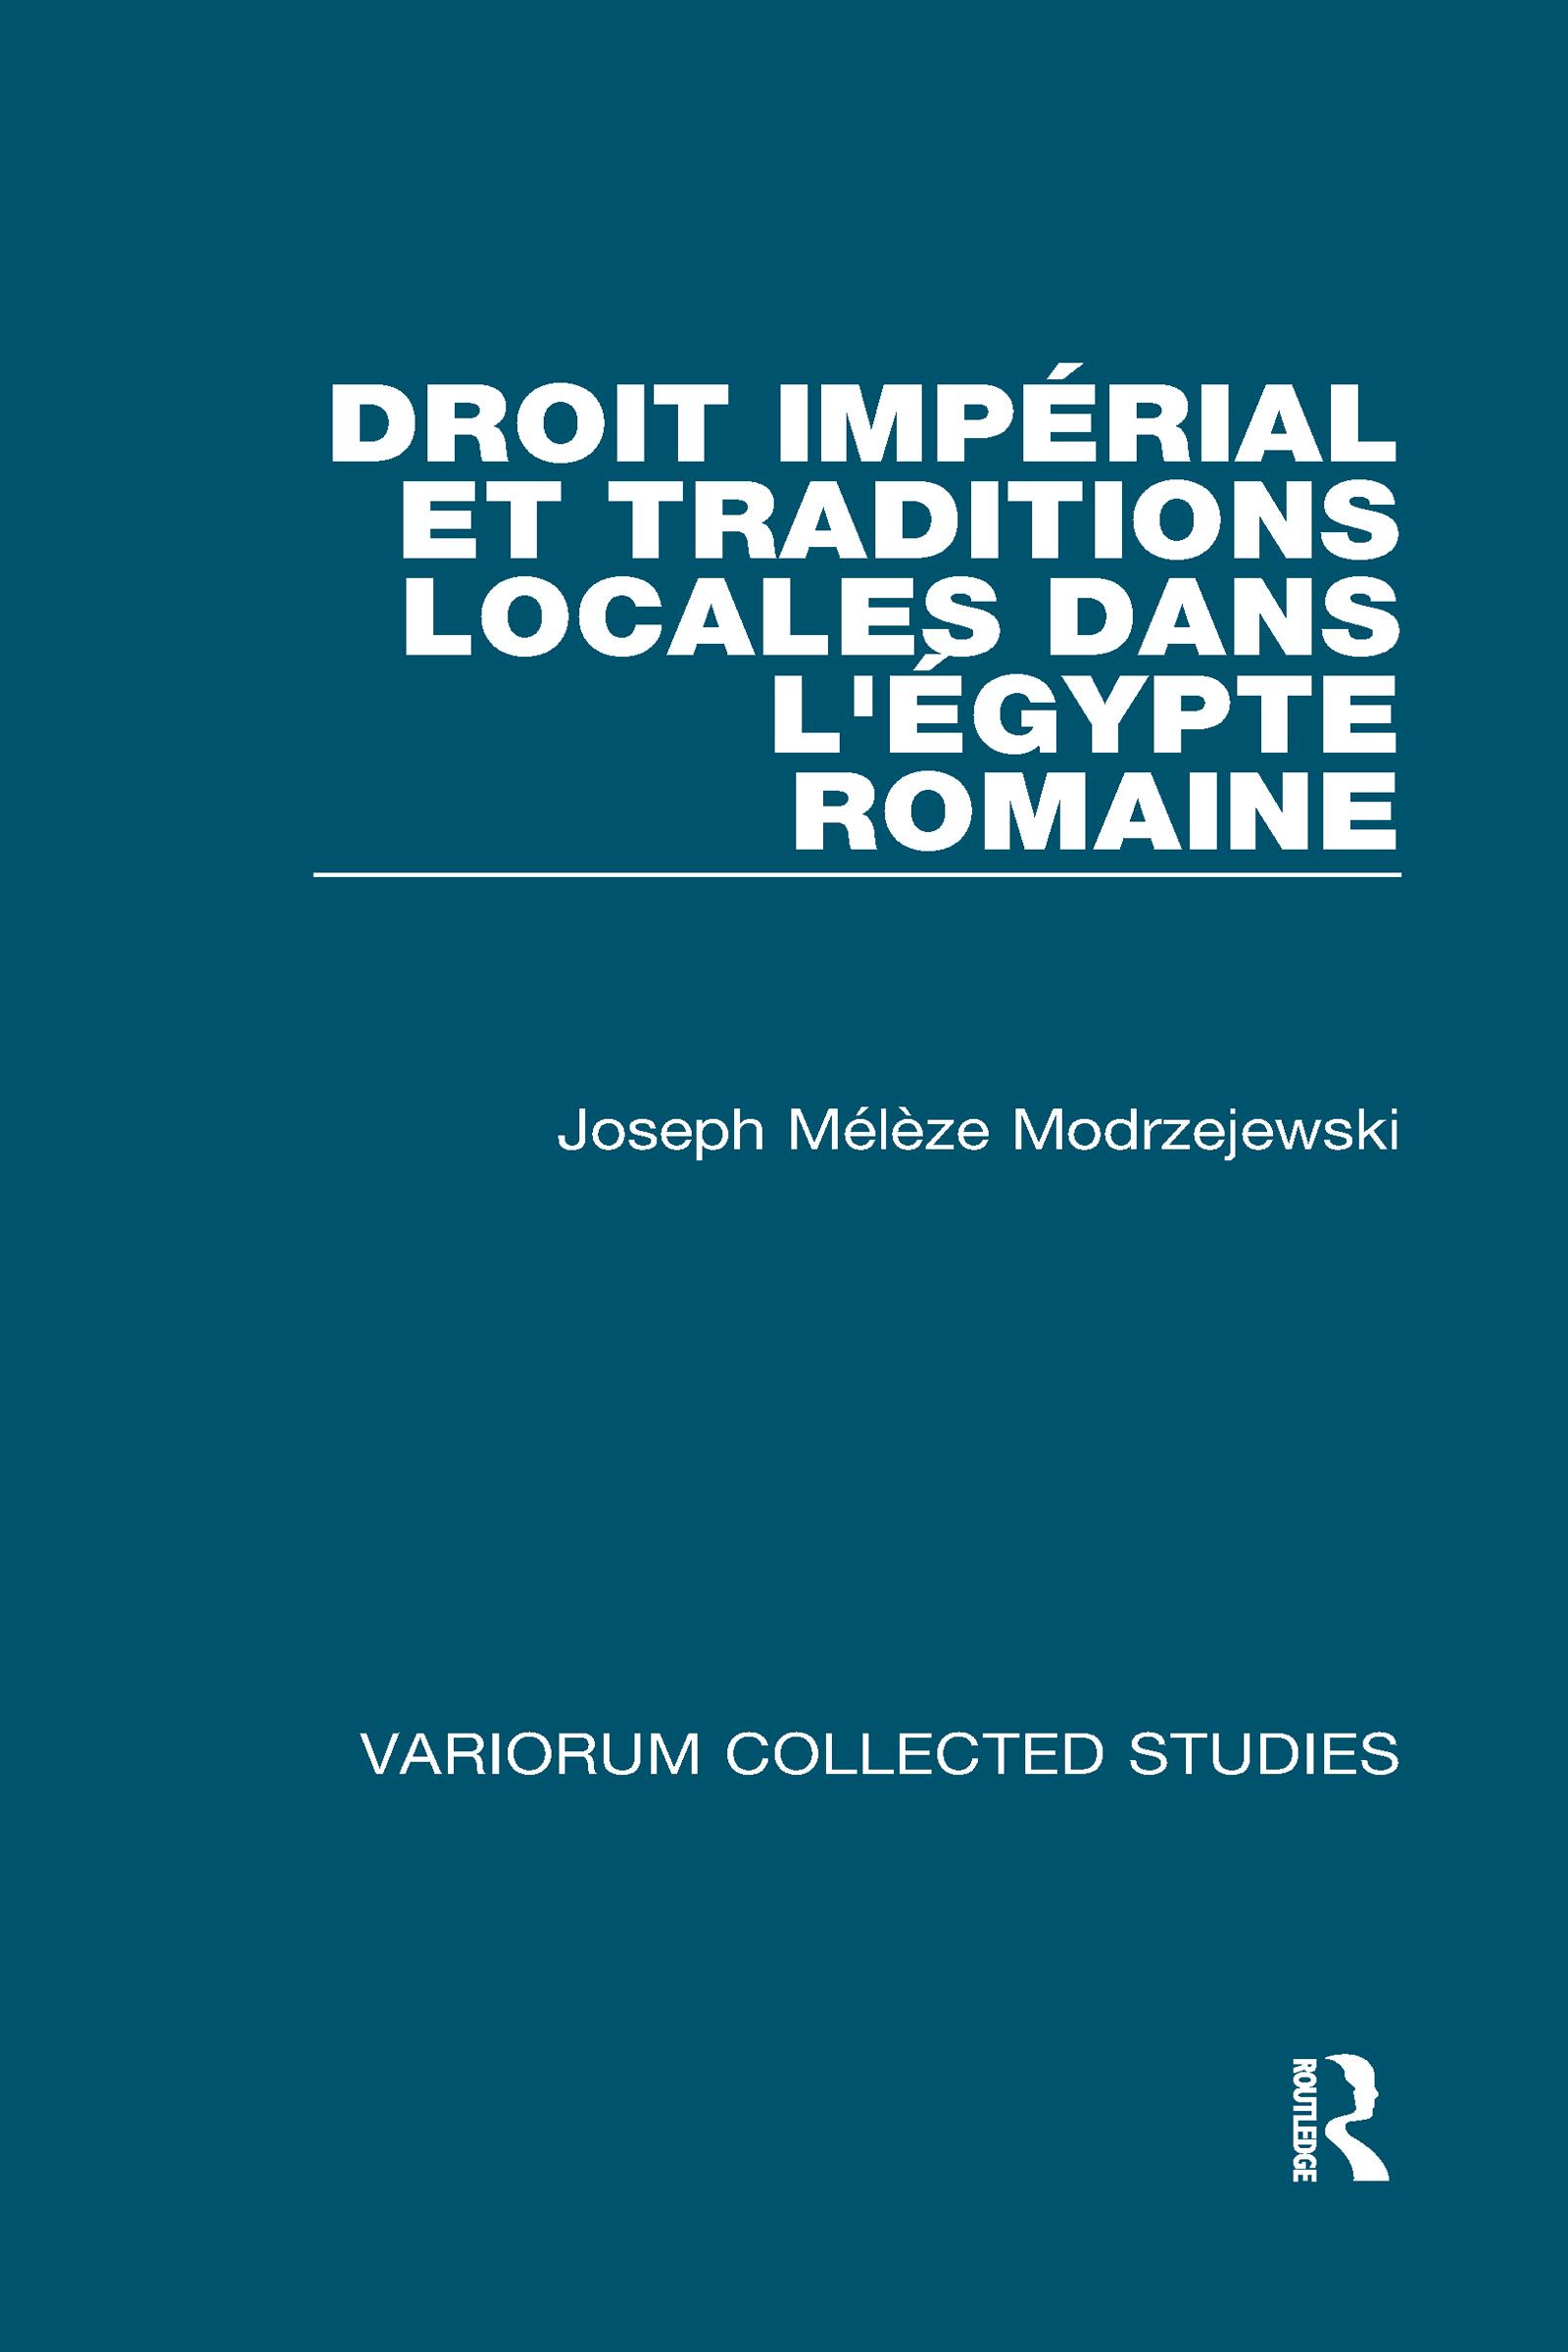 Droit impérial et traditions locales dans l'Égypte romaine book cover